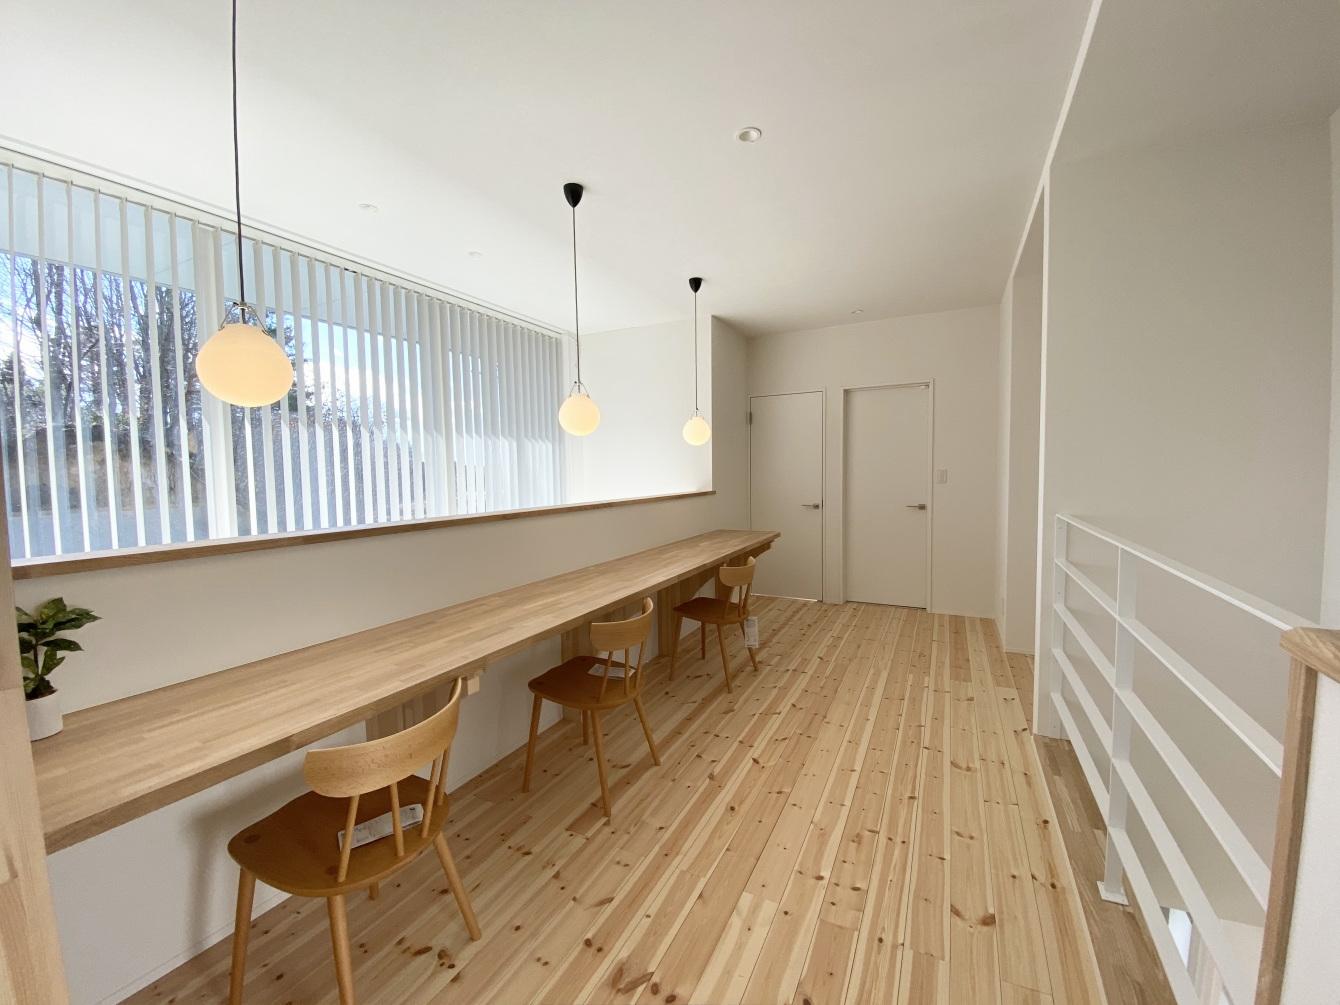 田村市の施工例、コンパクト&北欧デザインの家フリースペース2